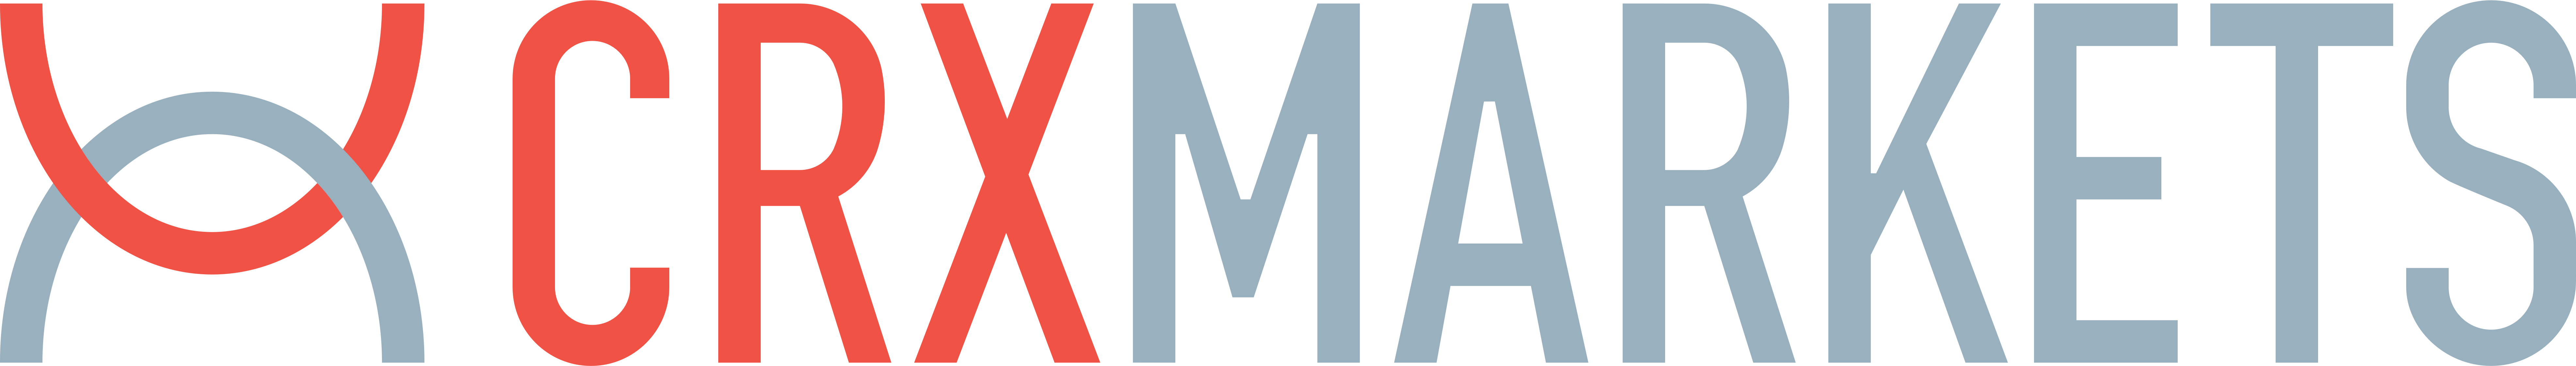 Logofullcolor